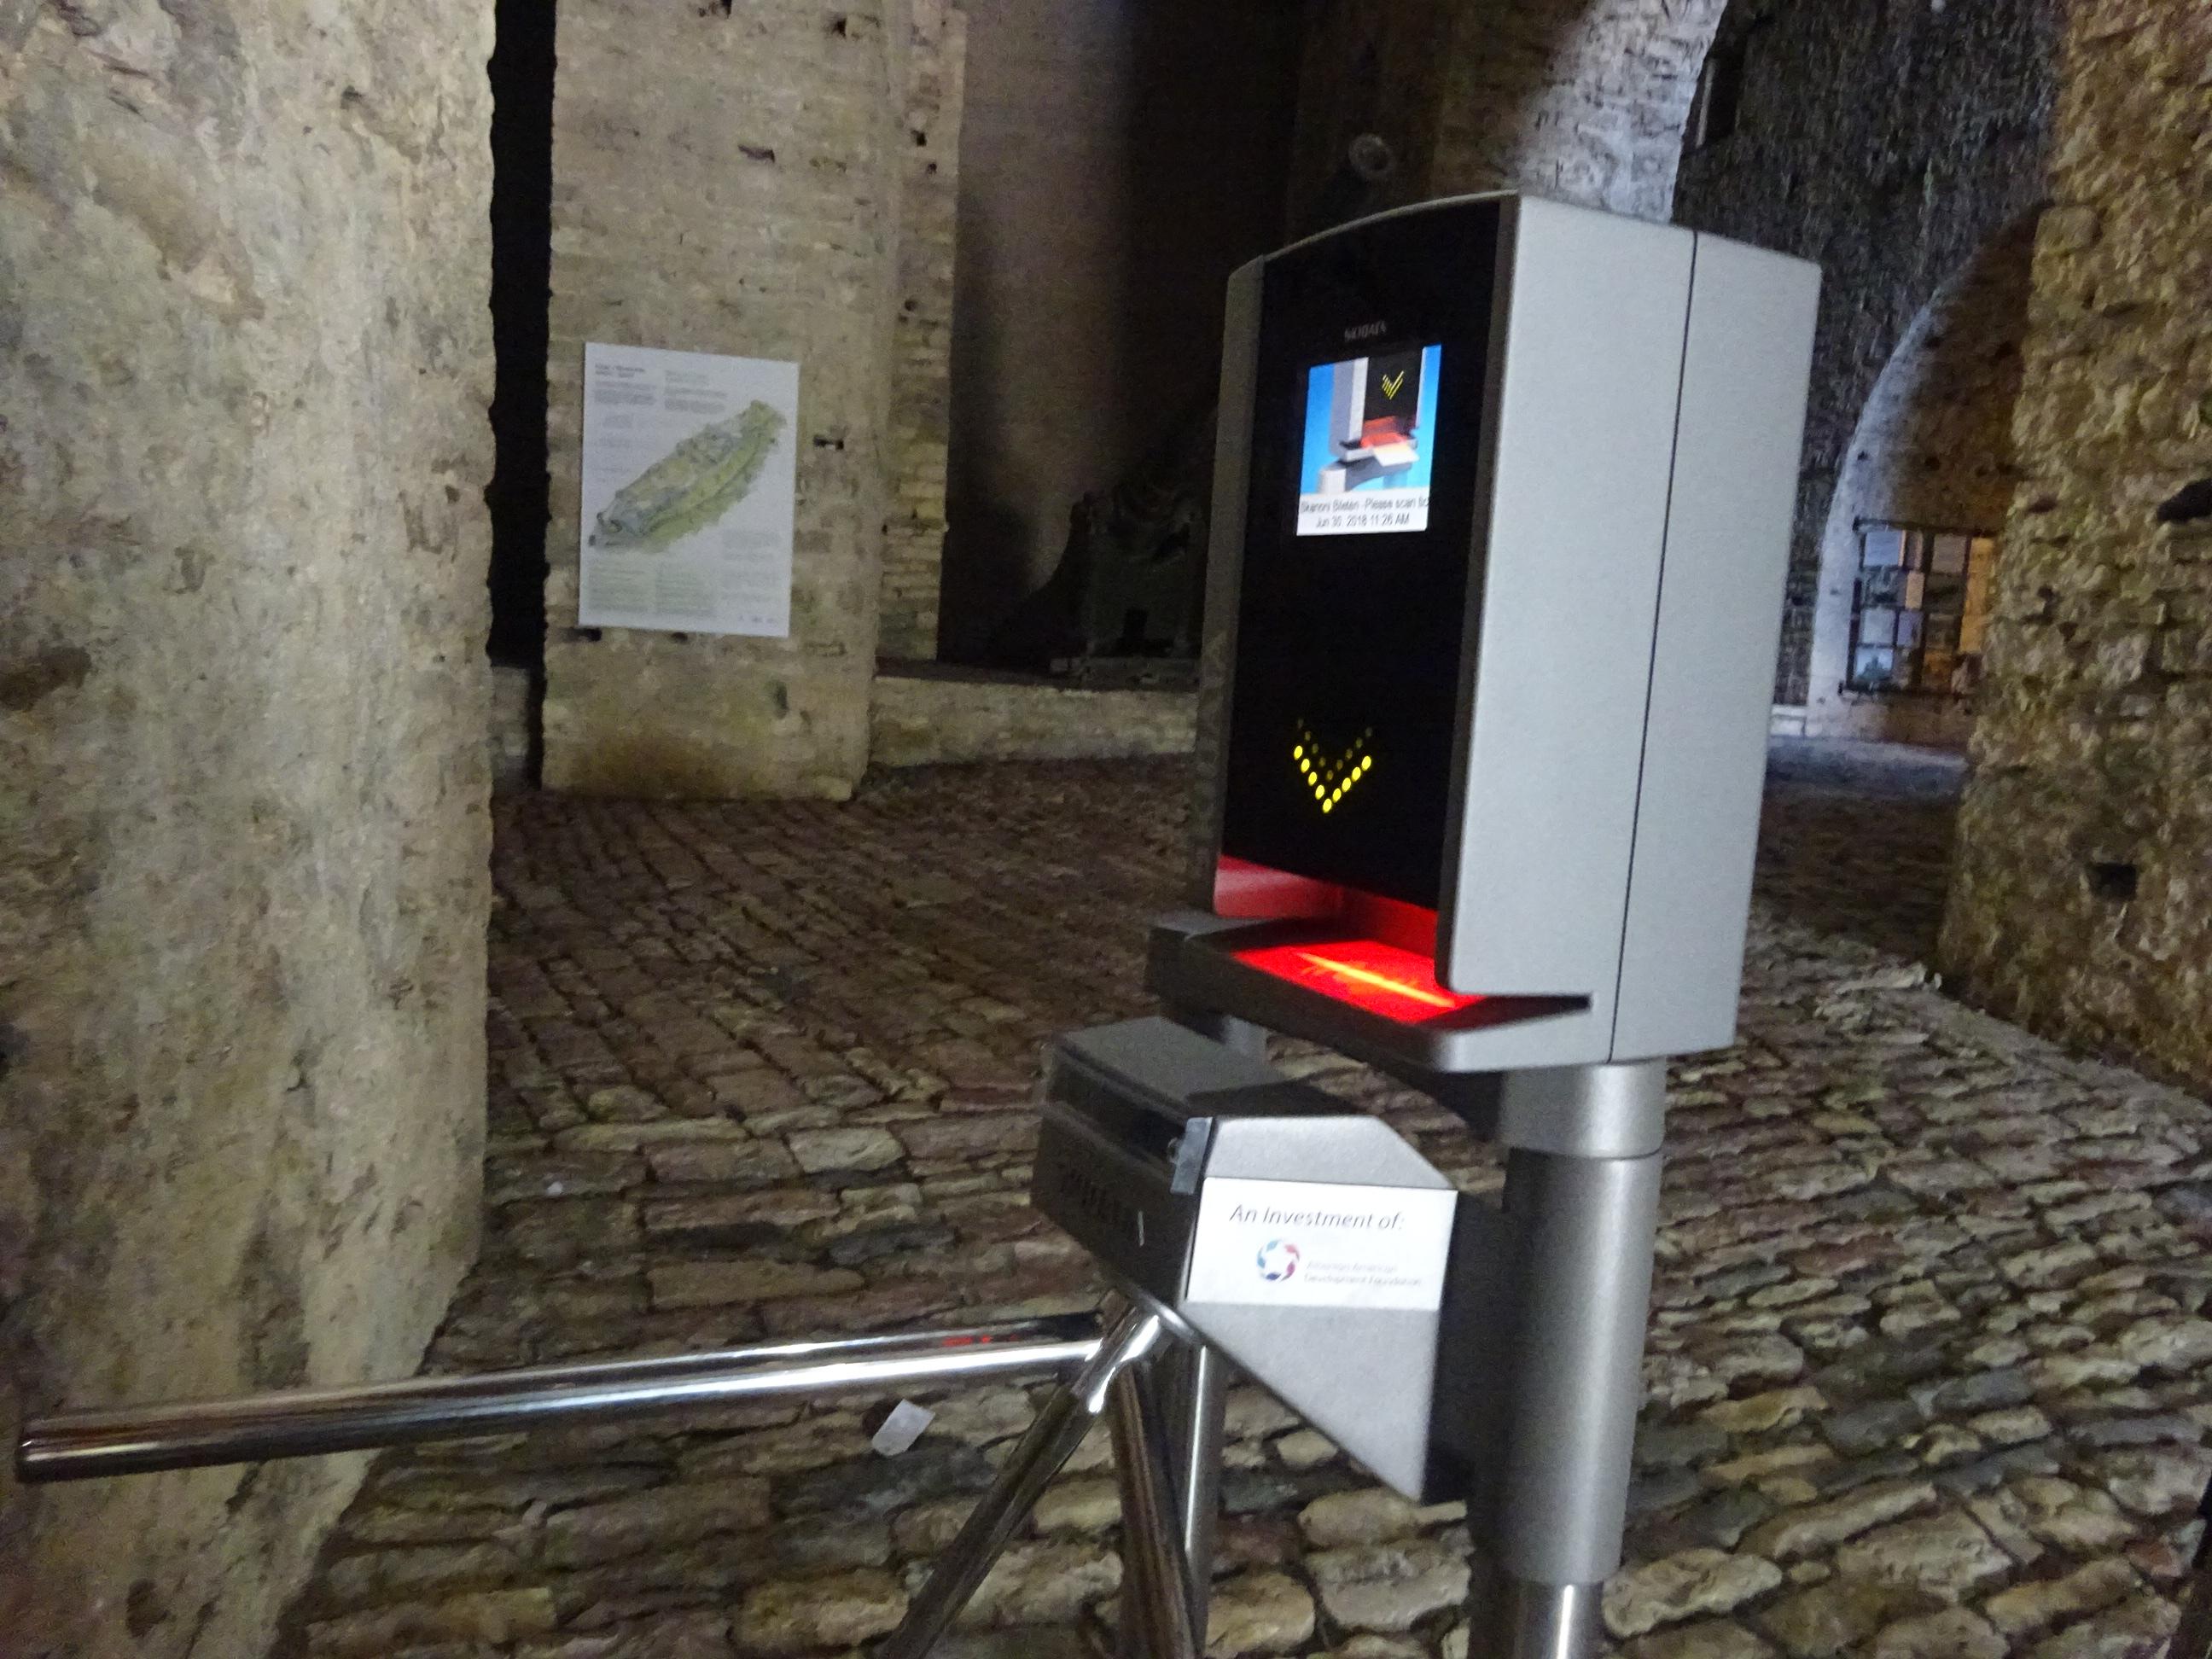 ジロカストラ城の入り口にあるハイテクな入場ゲート